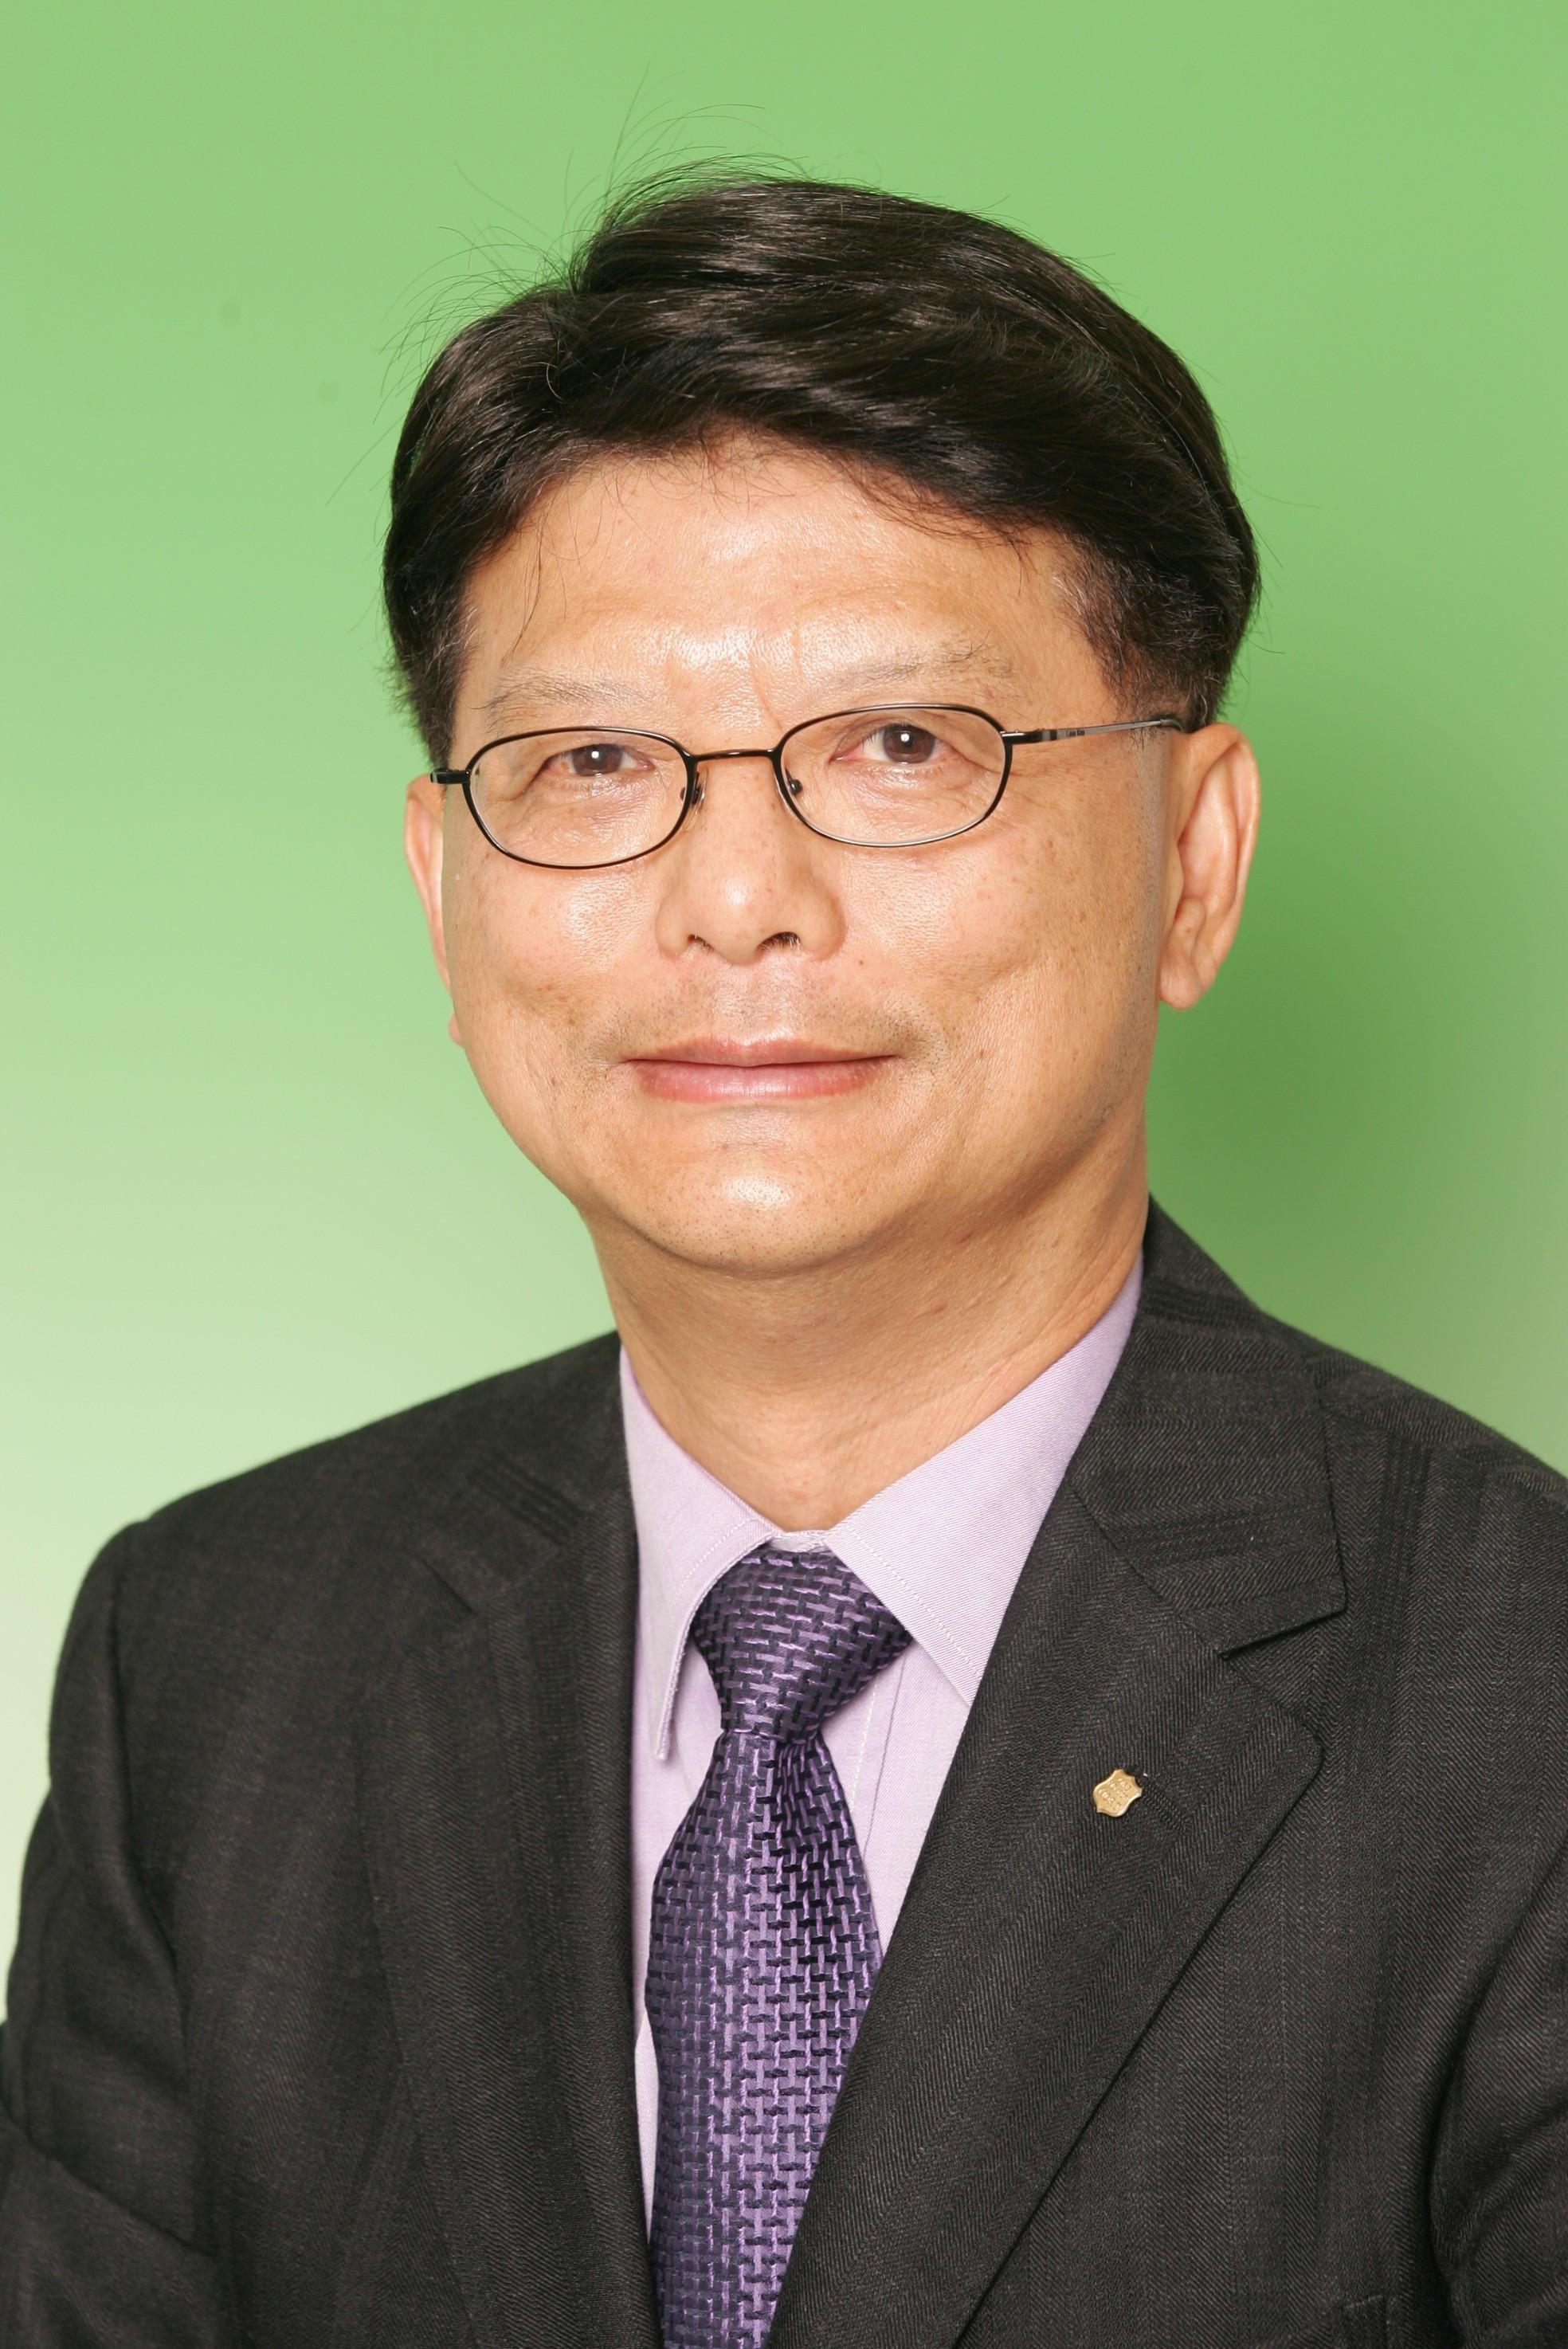 127756_Wong_Wing_Tai_38728_MAA